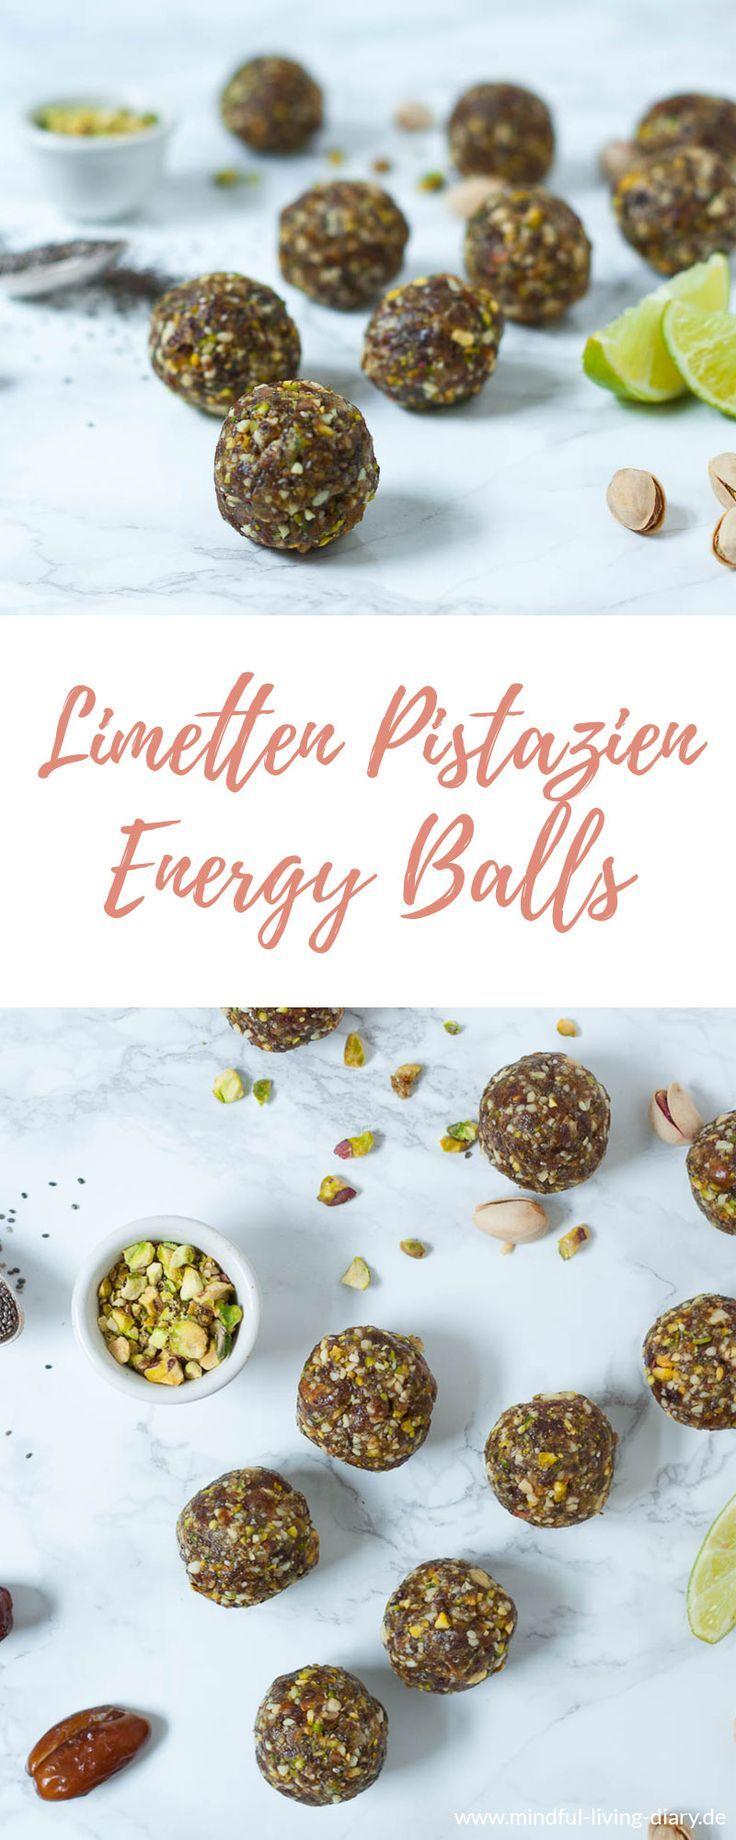 Limetten Pistazien Energy Balls - ein super gesunder Snack und die perfekte Alternative zu herkömmlichen Süßigkeiten, denn sie stecken voller wichtiger Nährstoffe #vegan #vegetarisch #zuckerfrei #energyballs #gesundesnacks #datteln #pistazien #snack #laktosefrei #glutenfei #nüsse - www.appleandginger.de